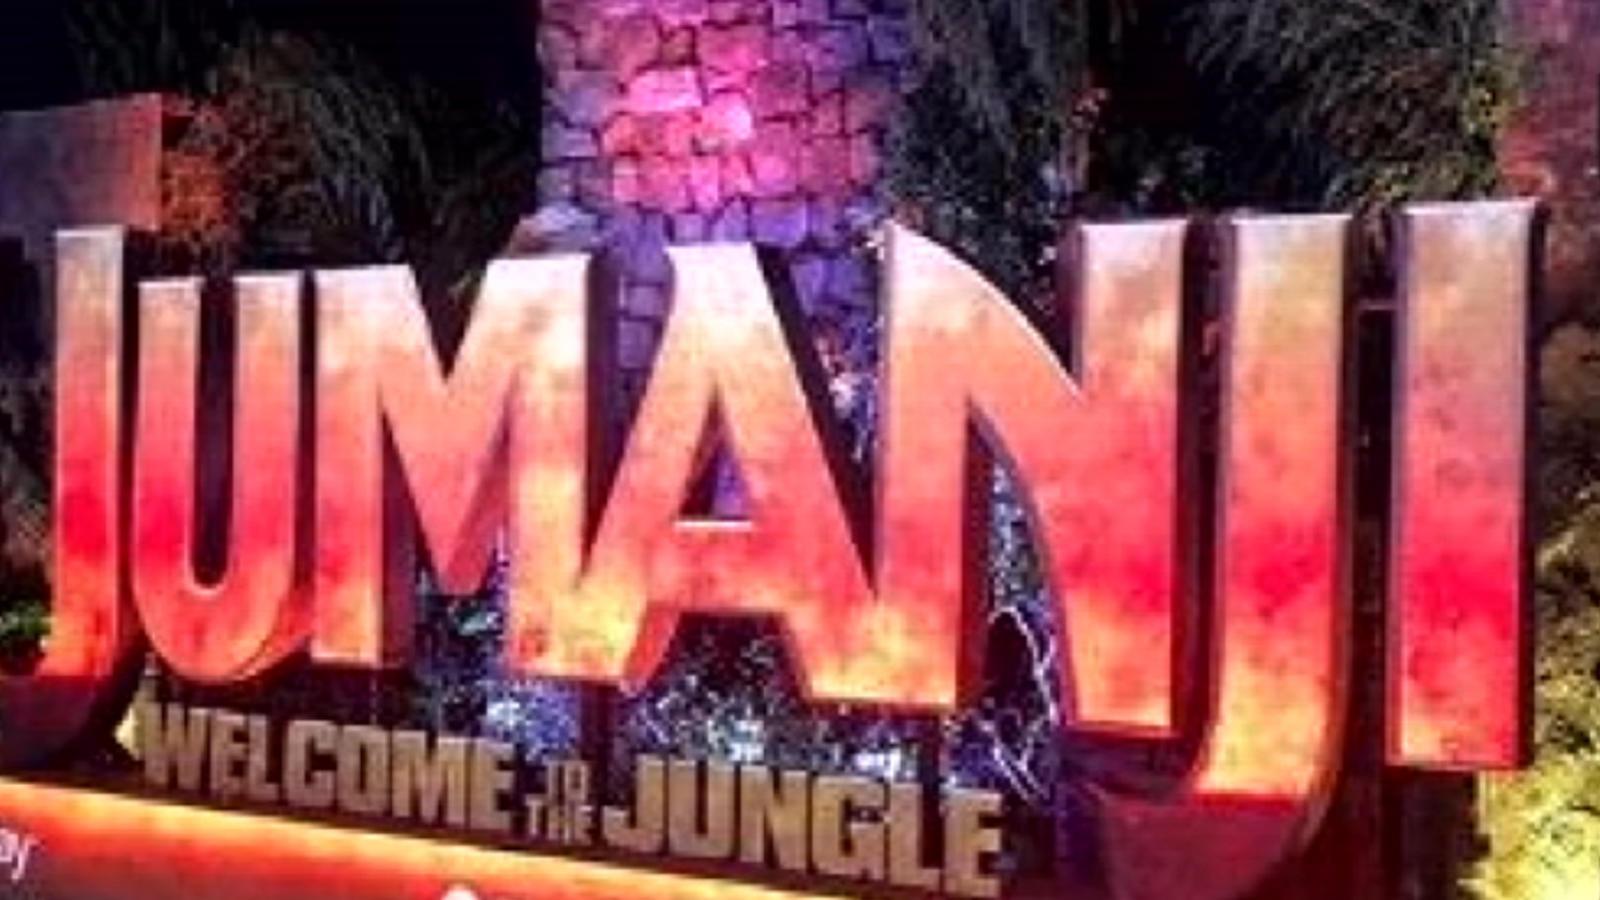 Danny Glover joins 'Jumanji' sequel